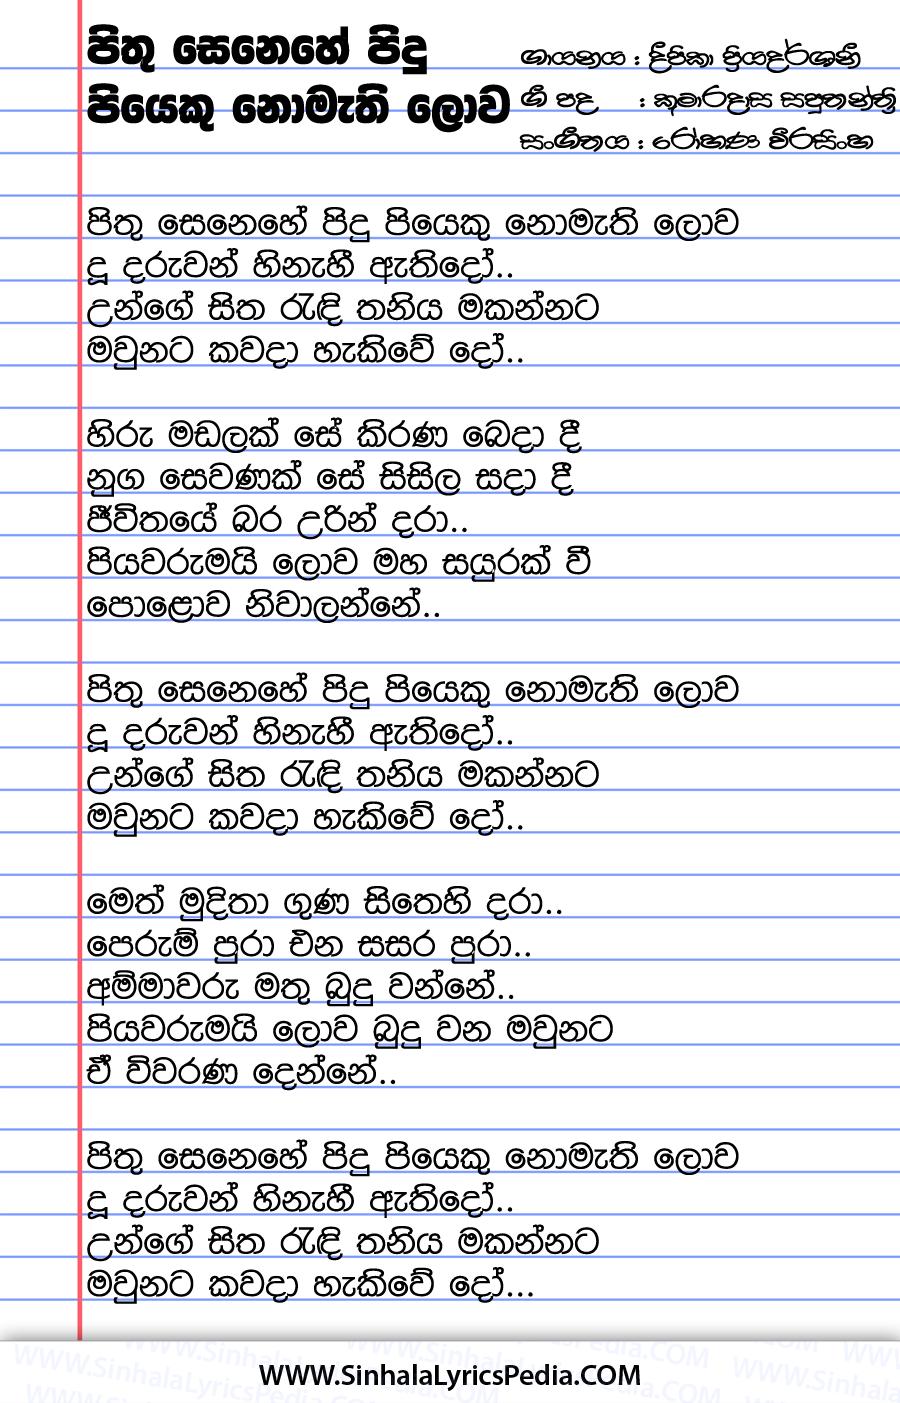 Pithu Senehe Pidu Piyeku Nomathi Lowa Song Lyrics